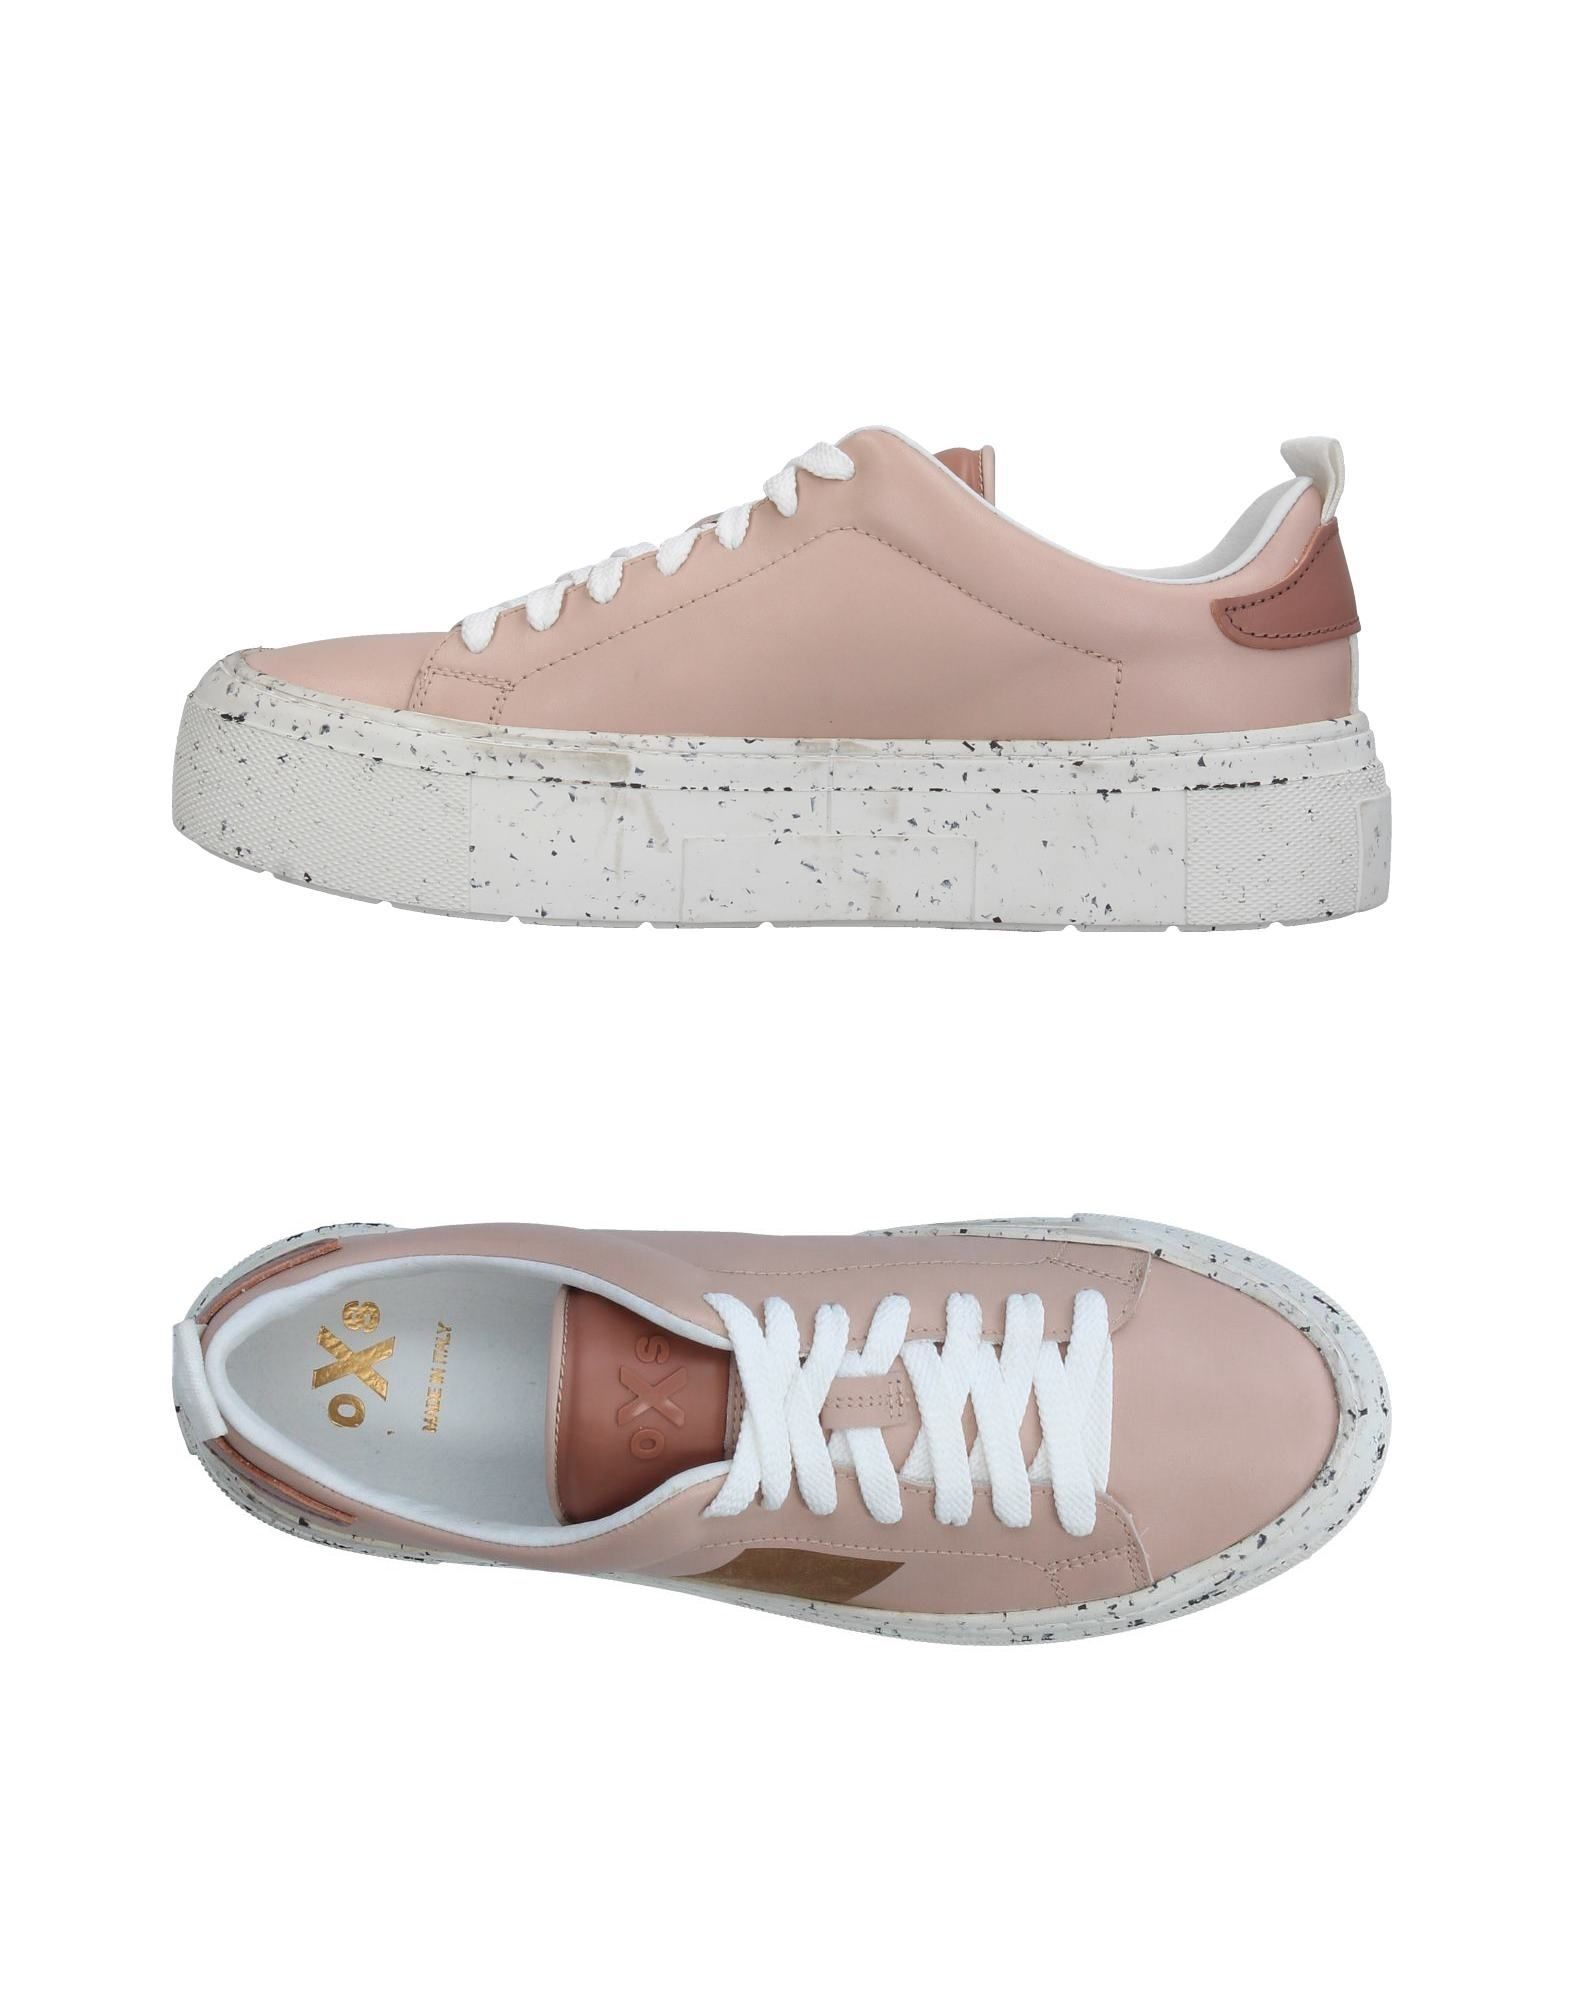 Moda Sneakers O.X.S. Donna - 11355174QJ